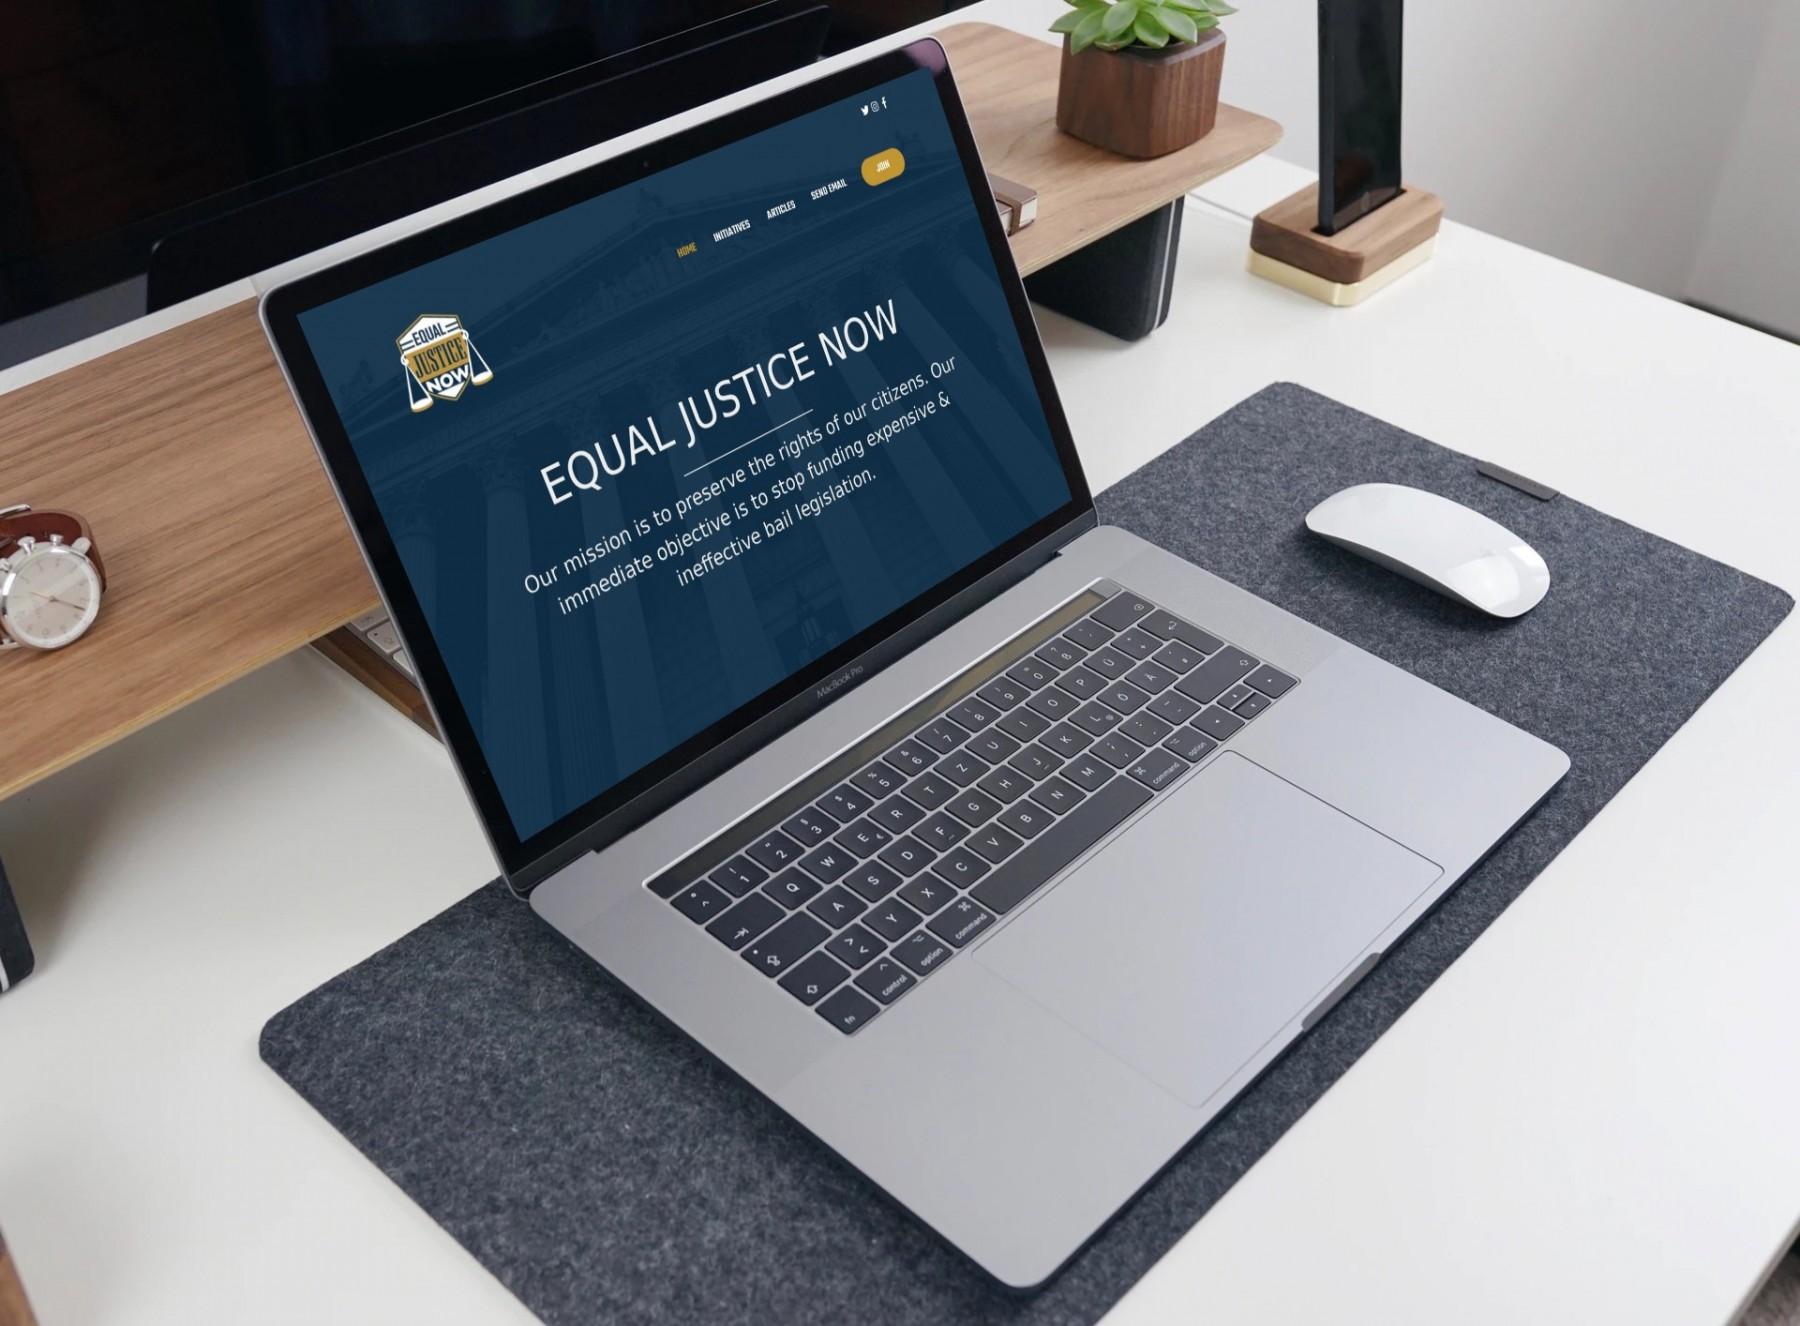 Equal Justice Now Website Design Laptop